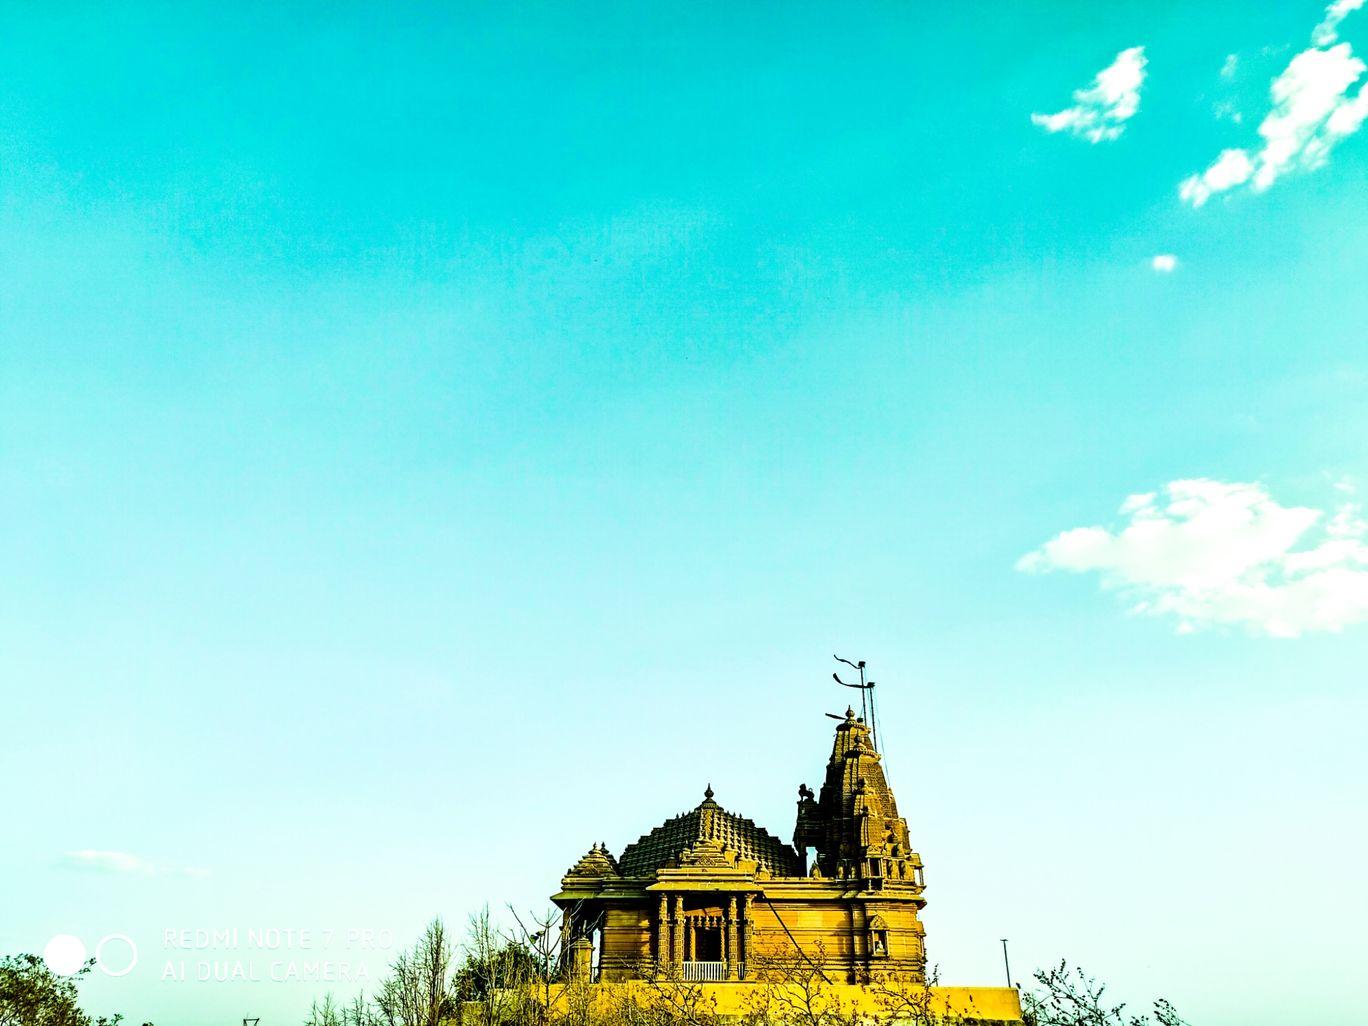 Photo of Hanuman Tekri By Ankit Singh